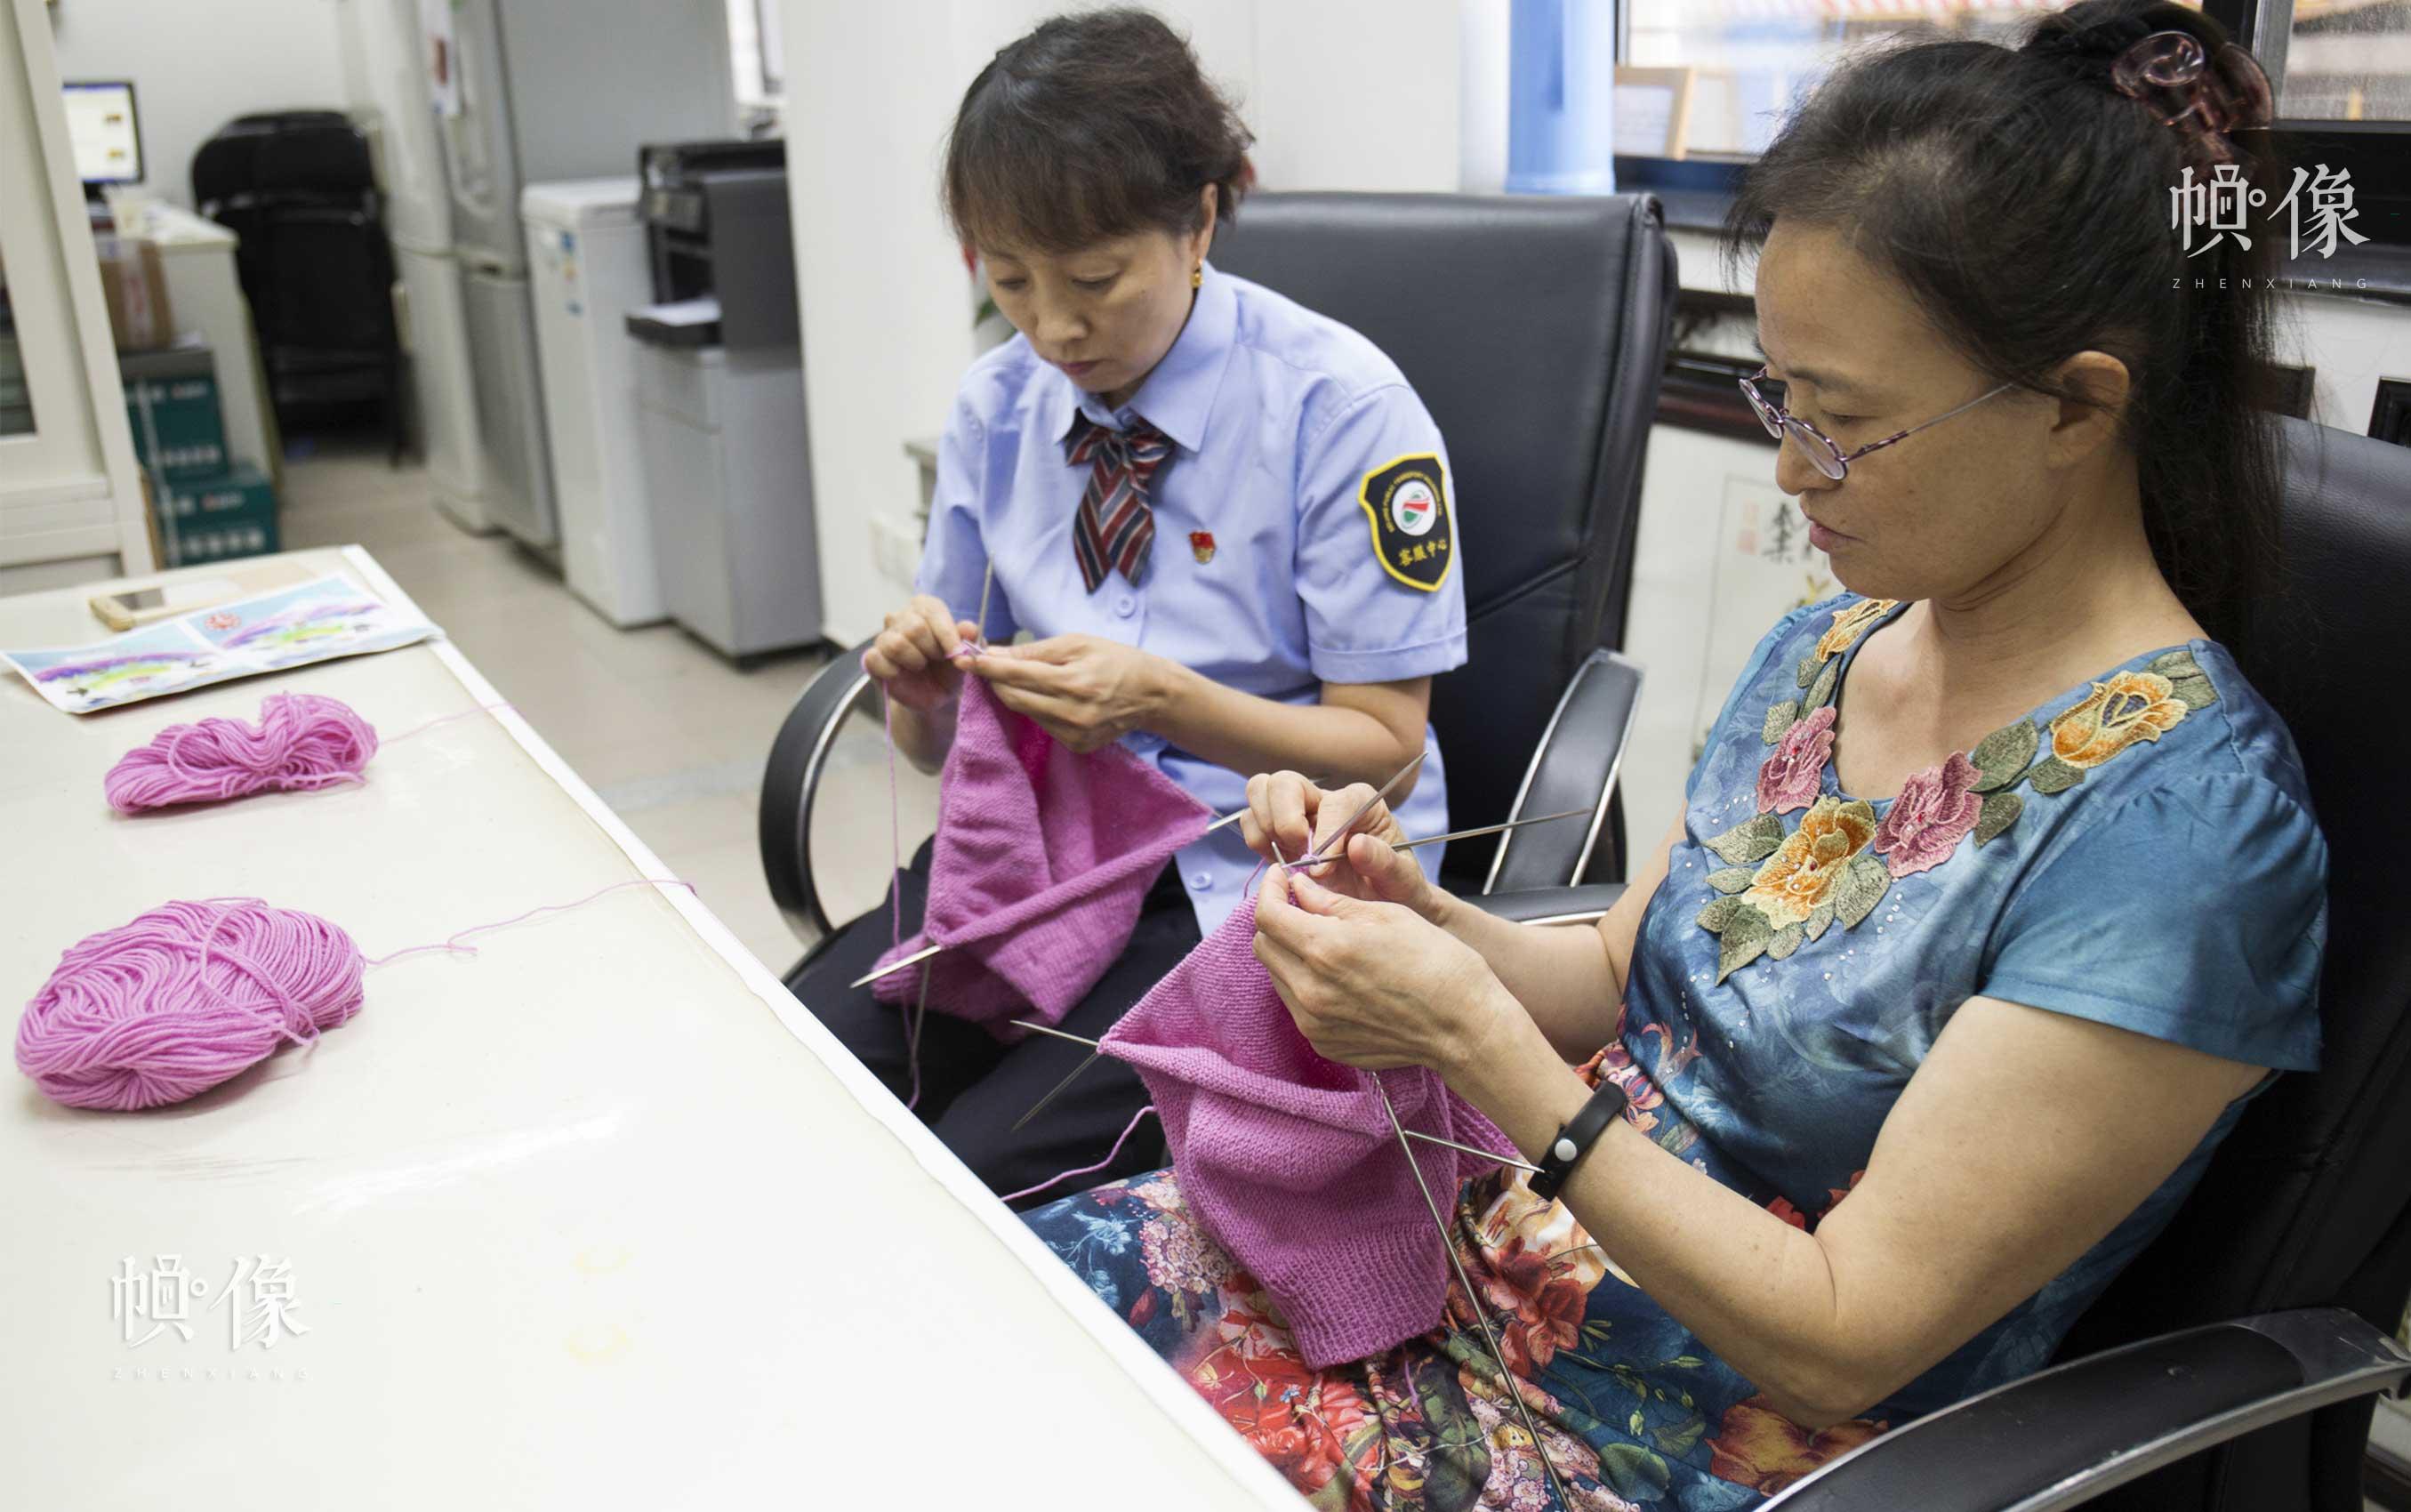 2017年7月18日,北京公交集团客户服务中心的爱心妈妈们在空闲的时候织毛衣。中国网实习记者 李欣颖 摄